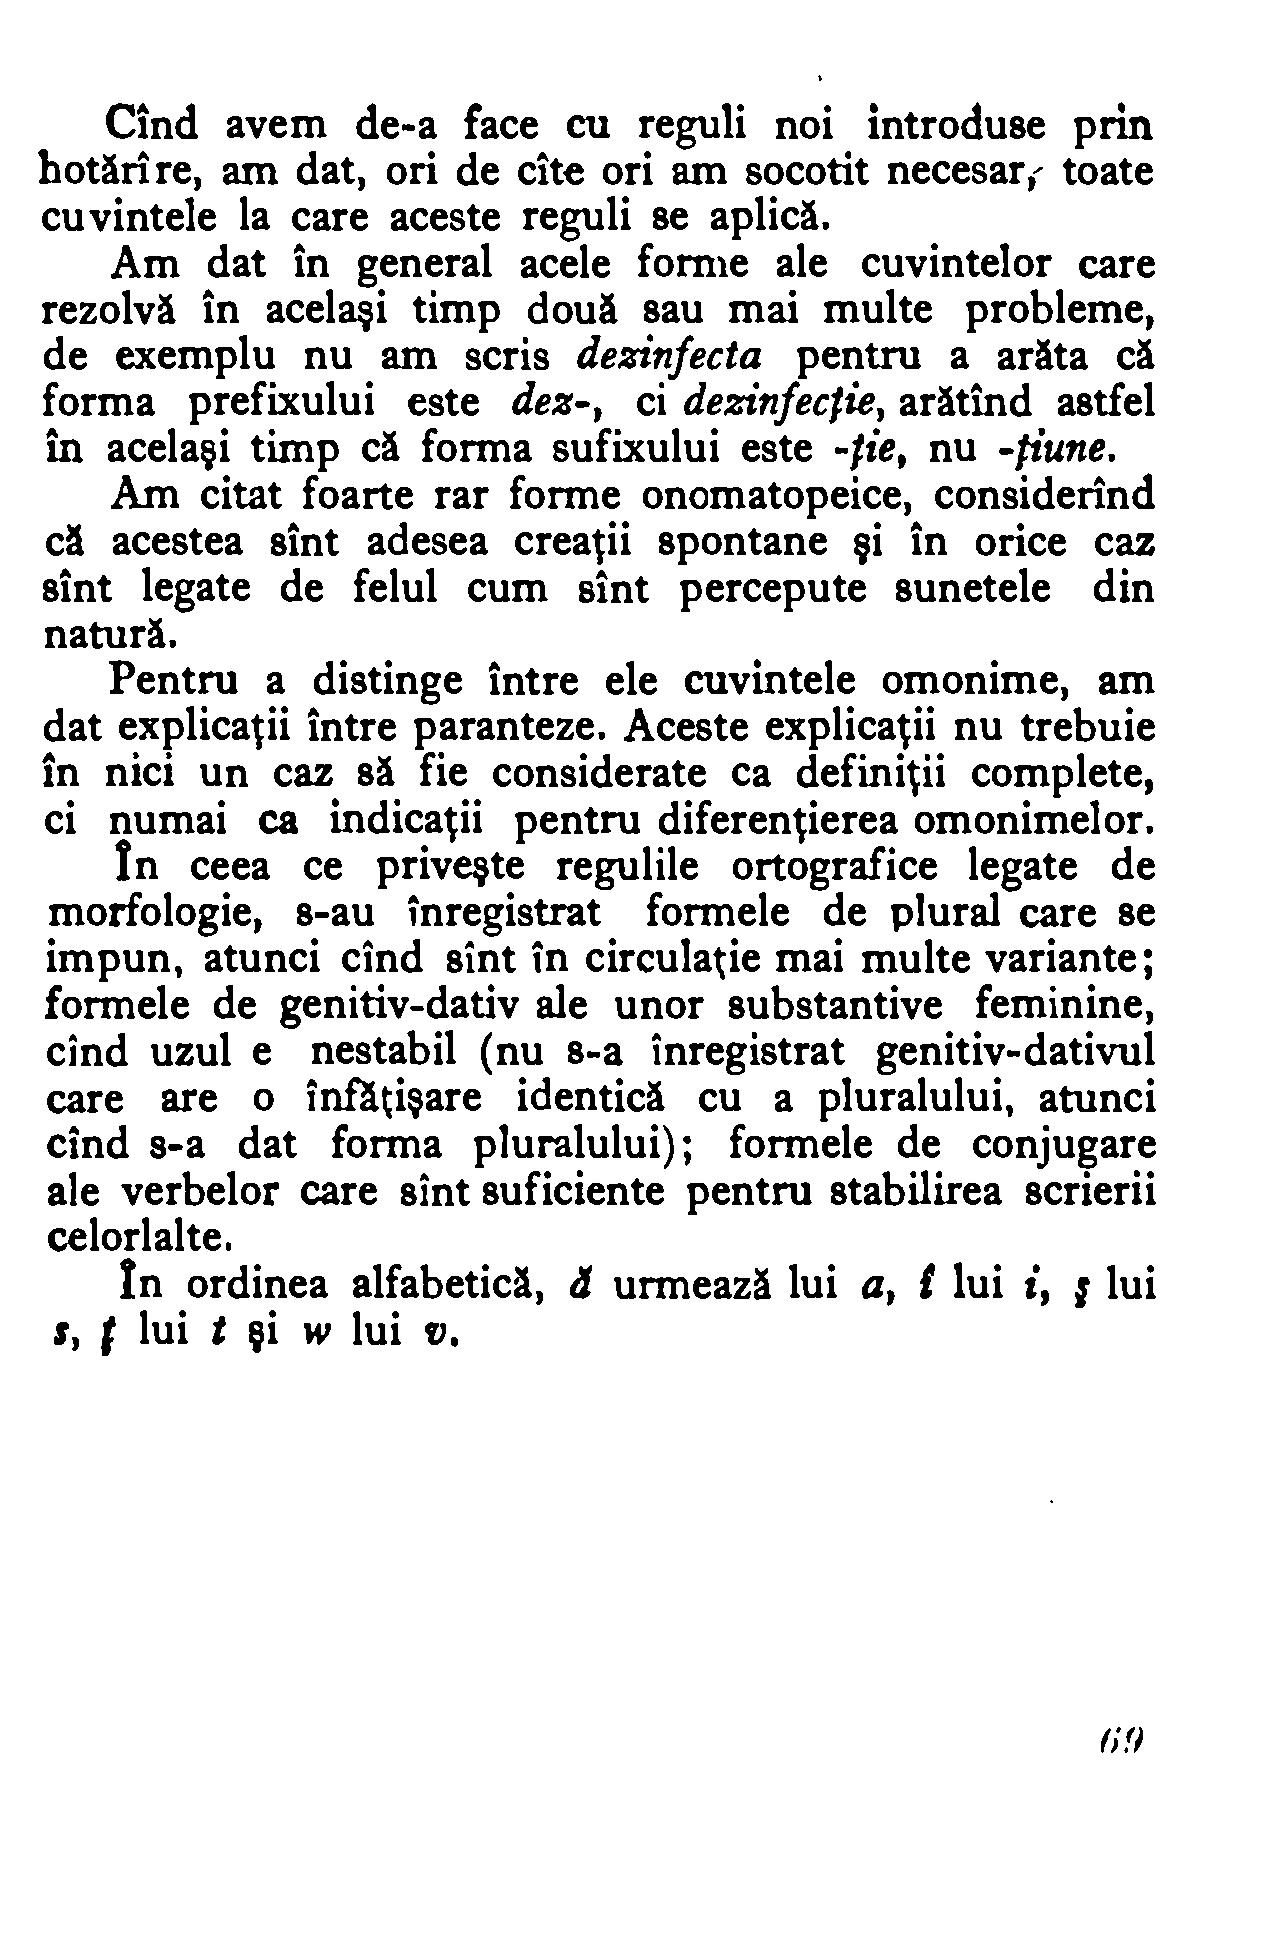 1954 - Mic dicționar ortografic (66).png